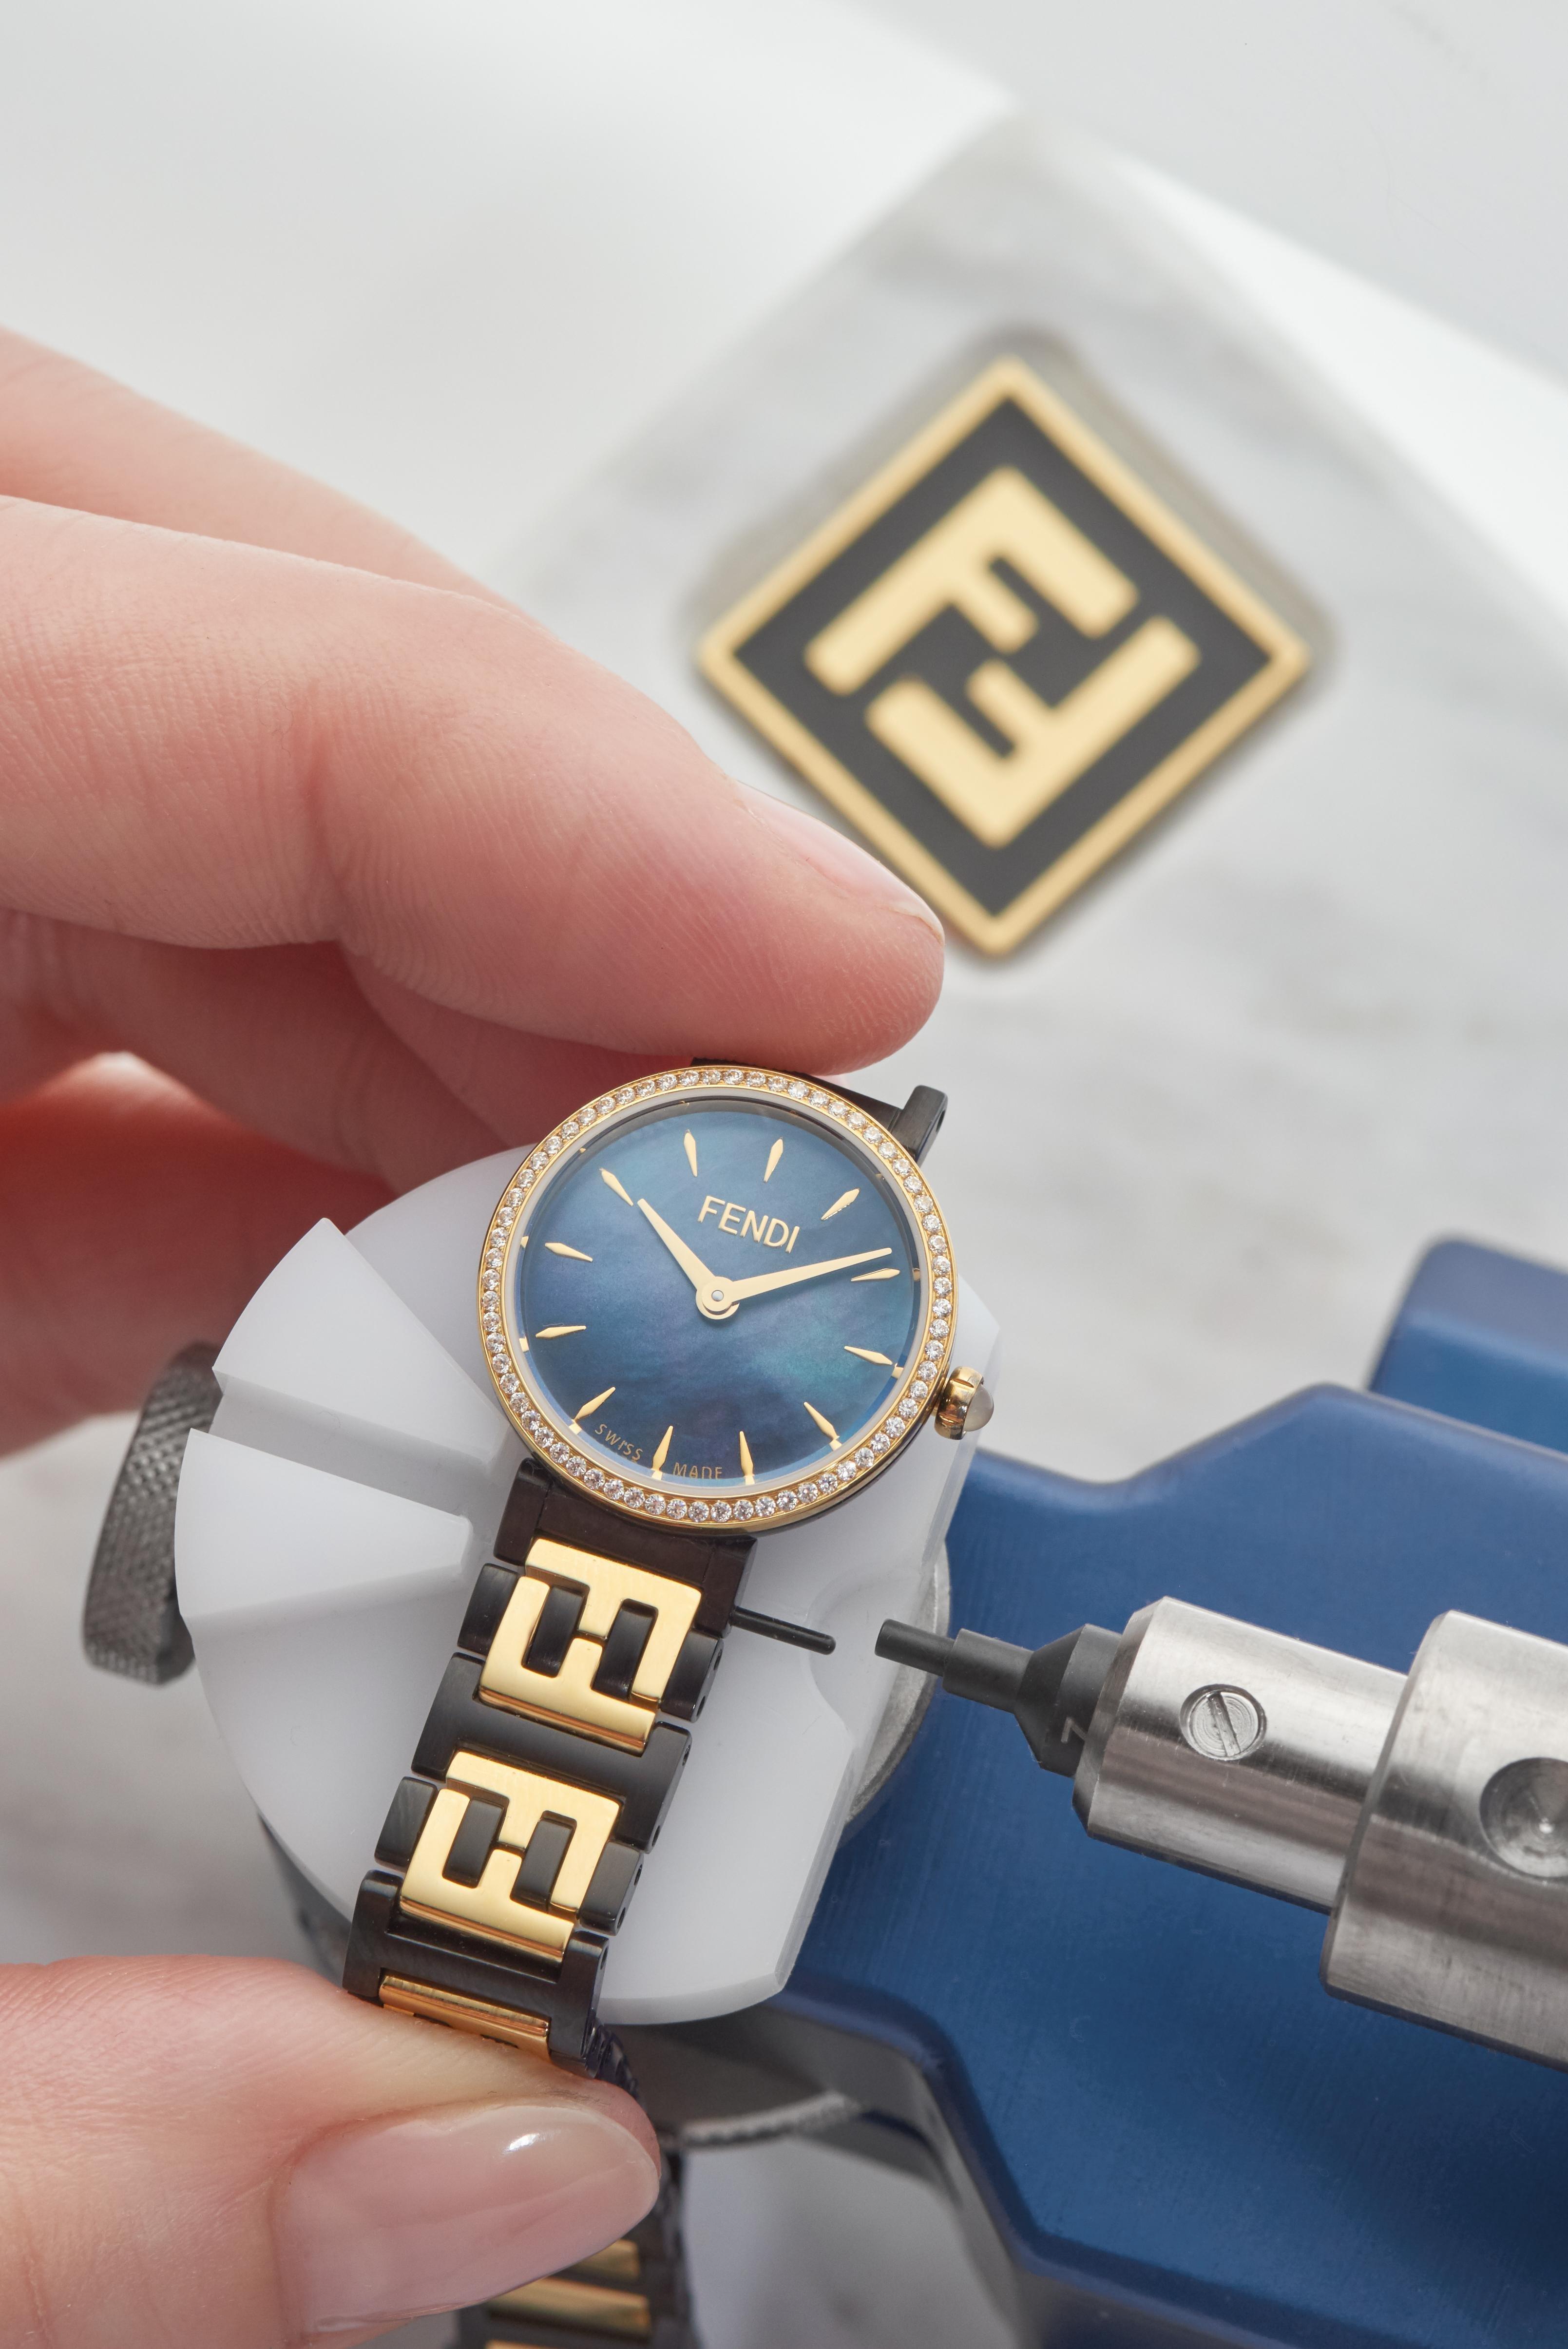 567cfb569 مجلة زهرة السوسن - Fendi تكشف عن ساعتها الجديدة Forever التي تمزج ...